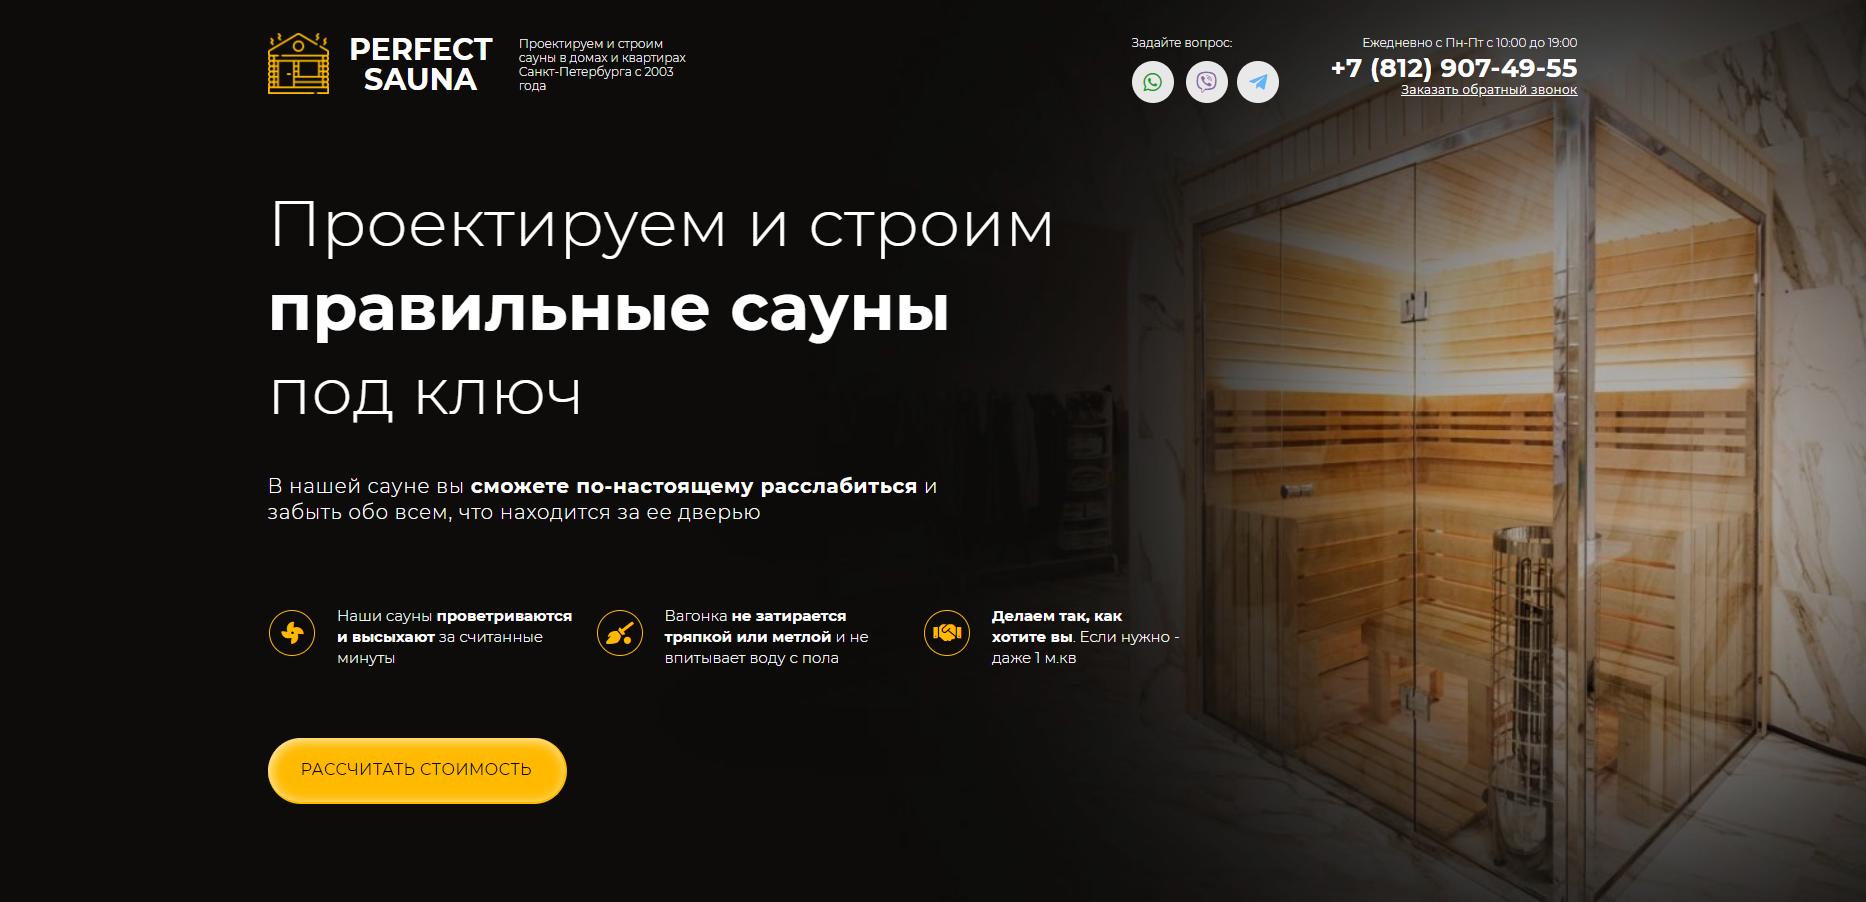 Landing Page на строительство саун в Санкт-Петербурге